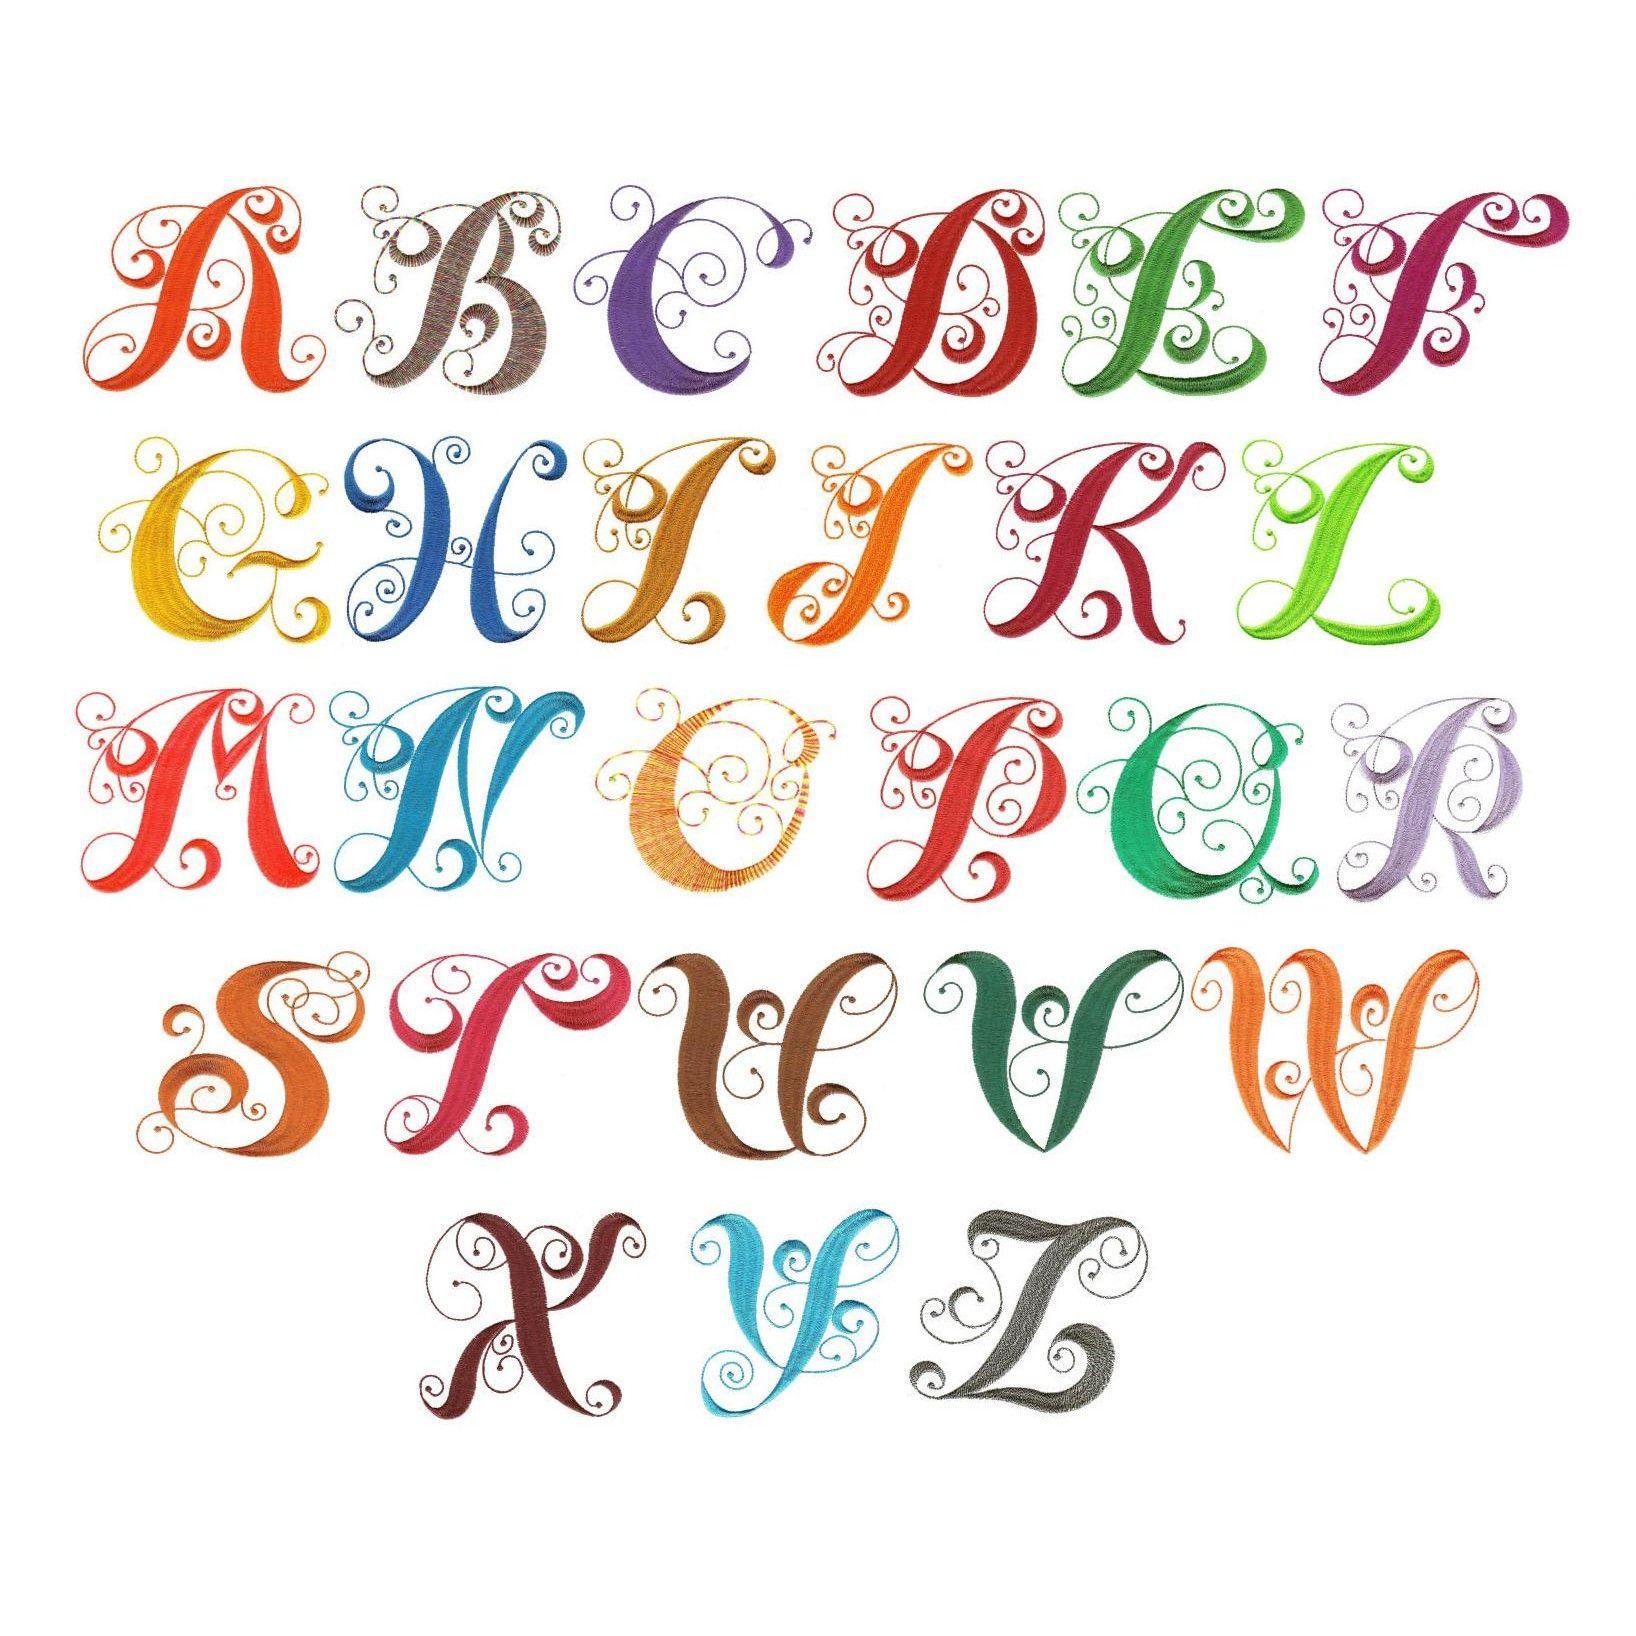 Elegant Curly Monogram Alphabet Monogram Alphabet Machine Embroidery Alphabet Embroidery Monogram Fonts